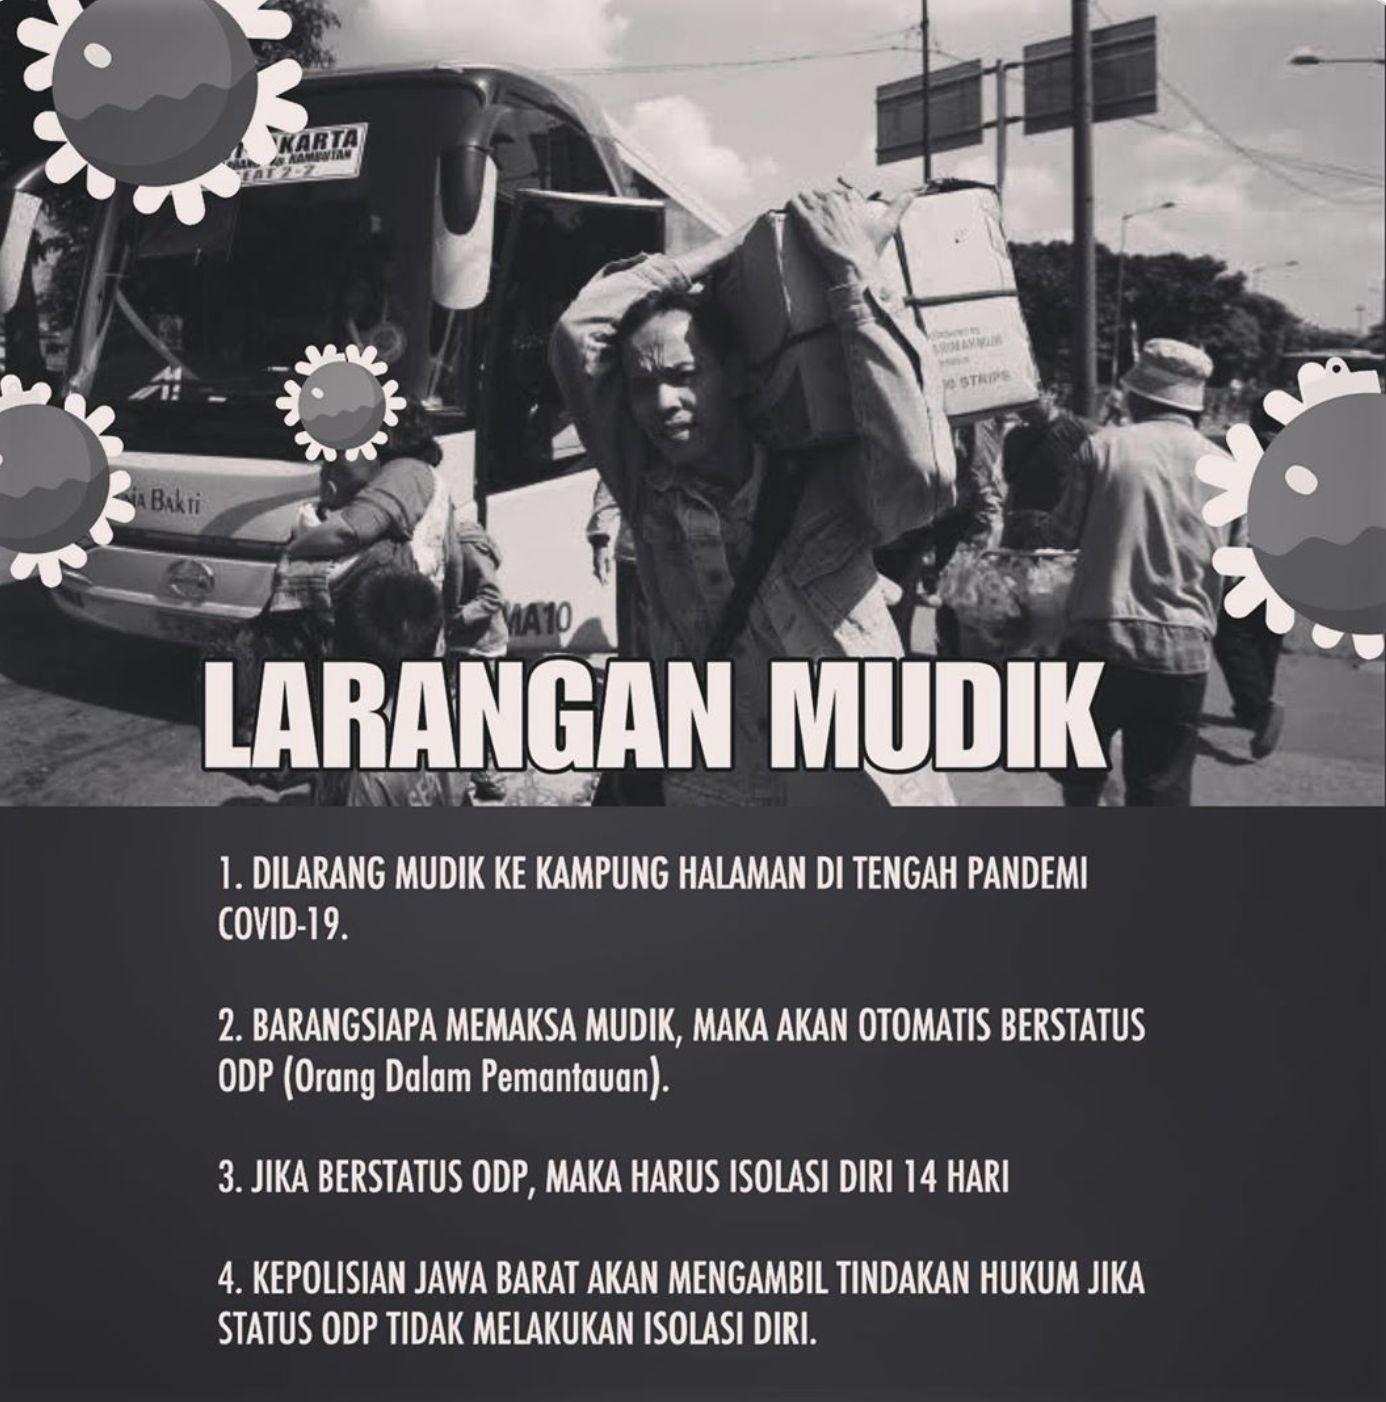 Tegas! Ridwan Kamil Larang Mudik Selama Pandemi Covid-19